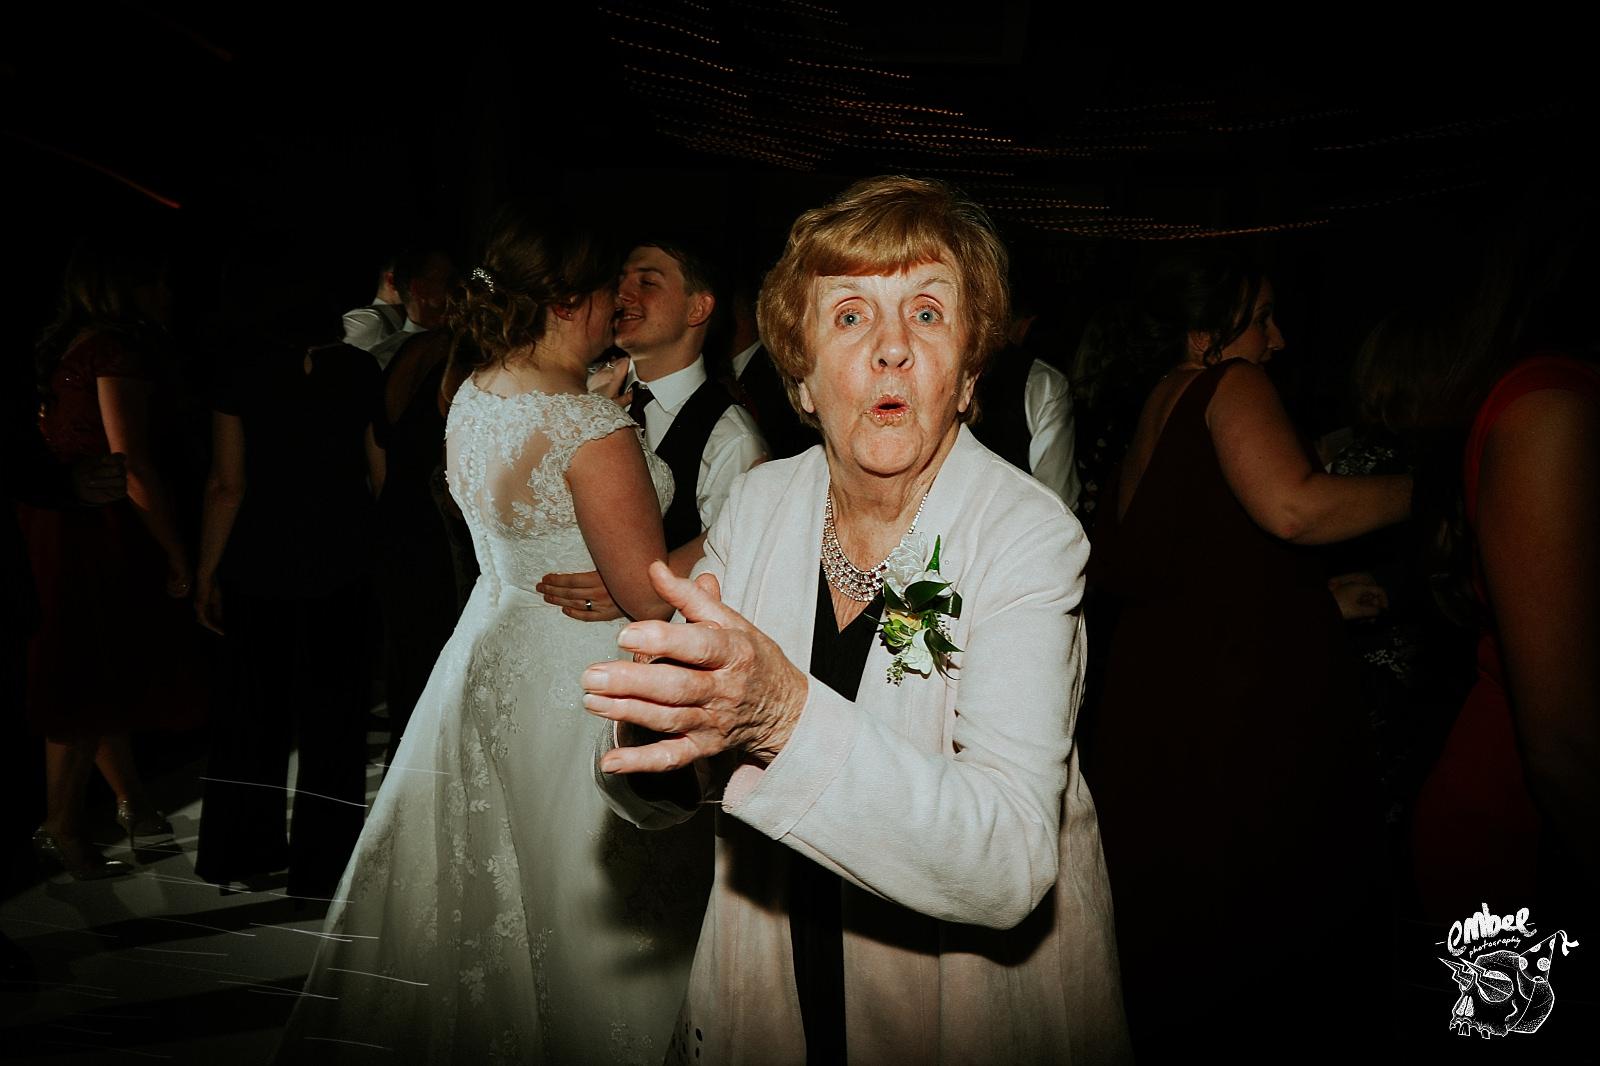 nan on the dance floor